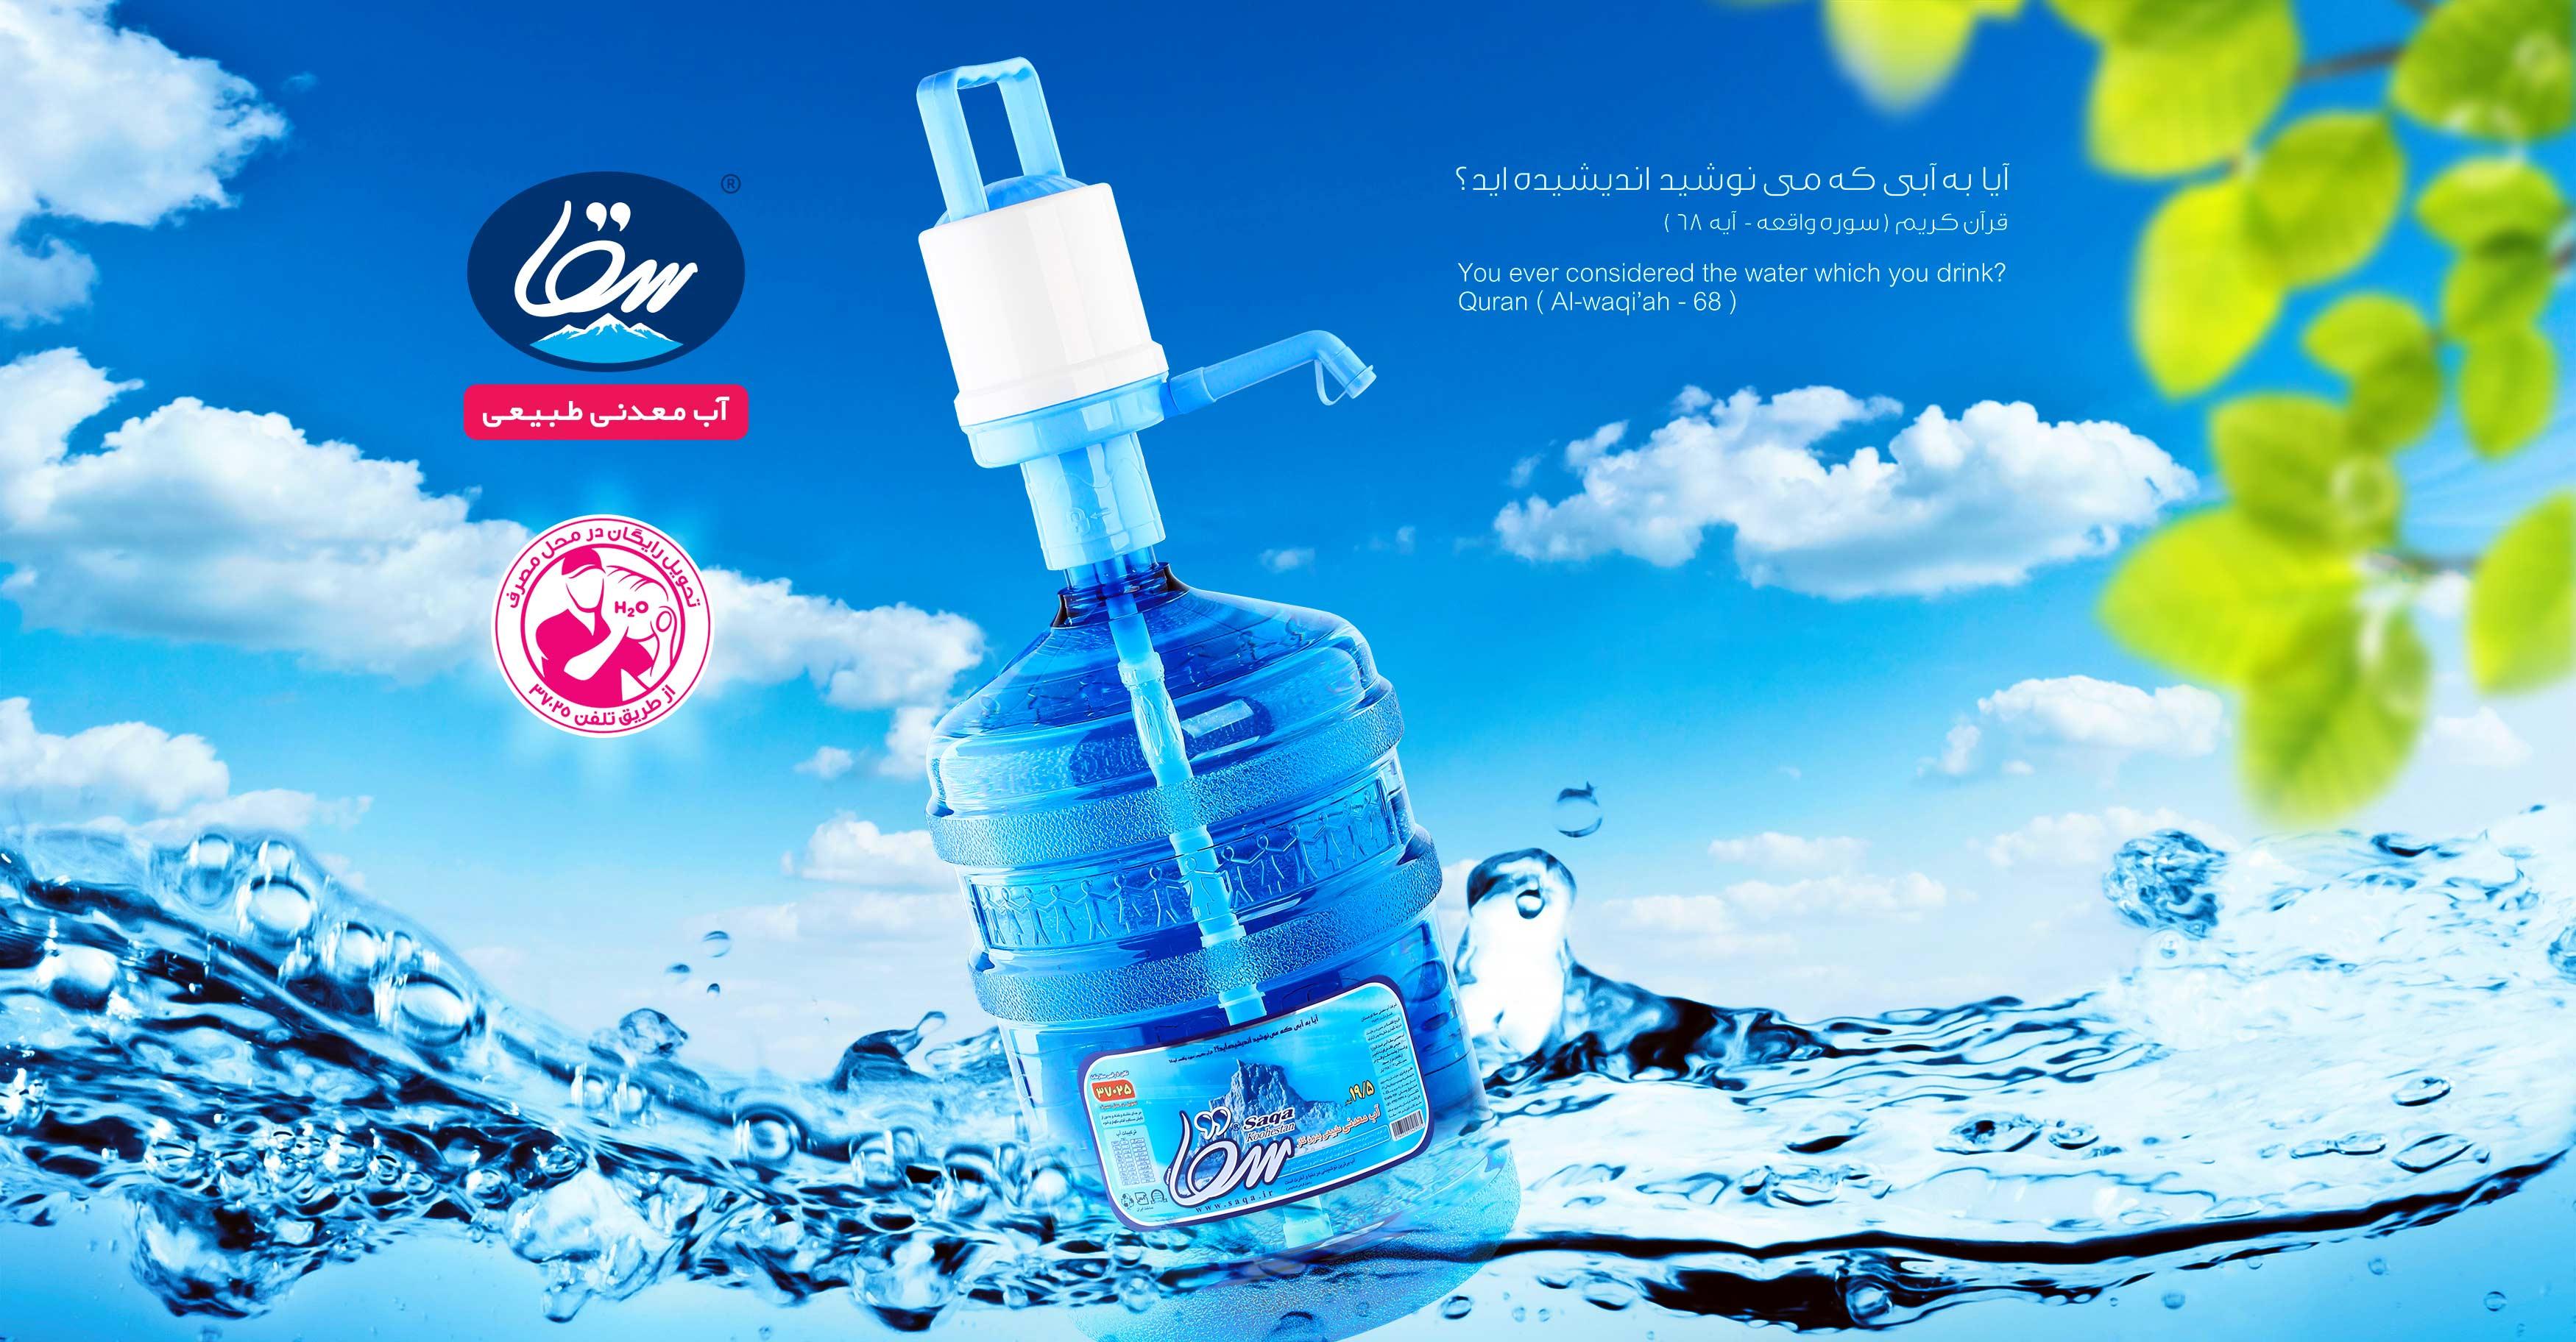 خرید پمپ دستی گالن آب مایعات بدون ریختن یا نشت جریان مایع